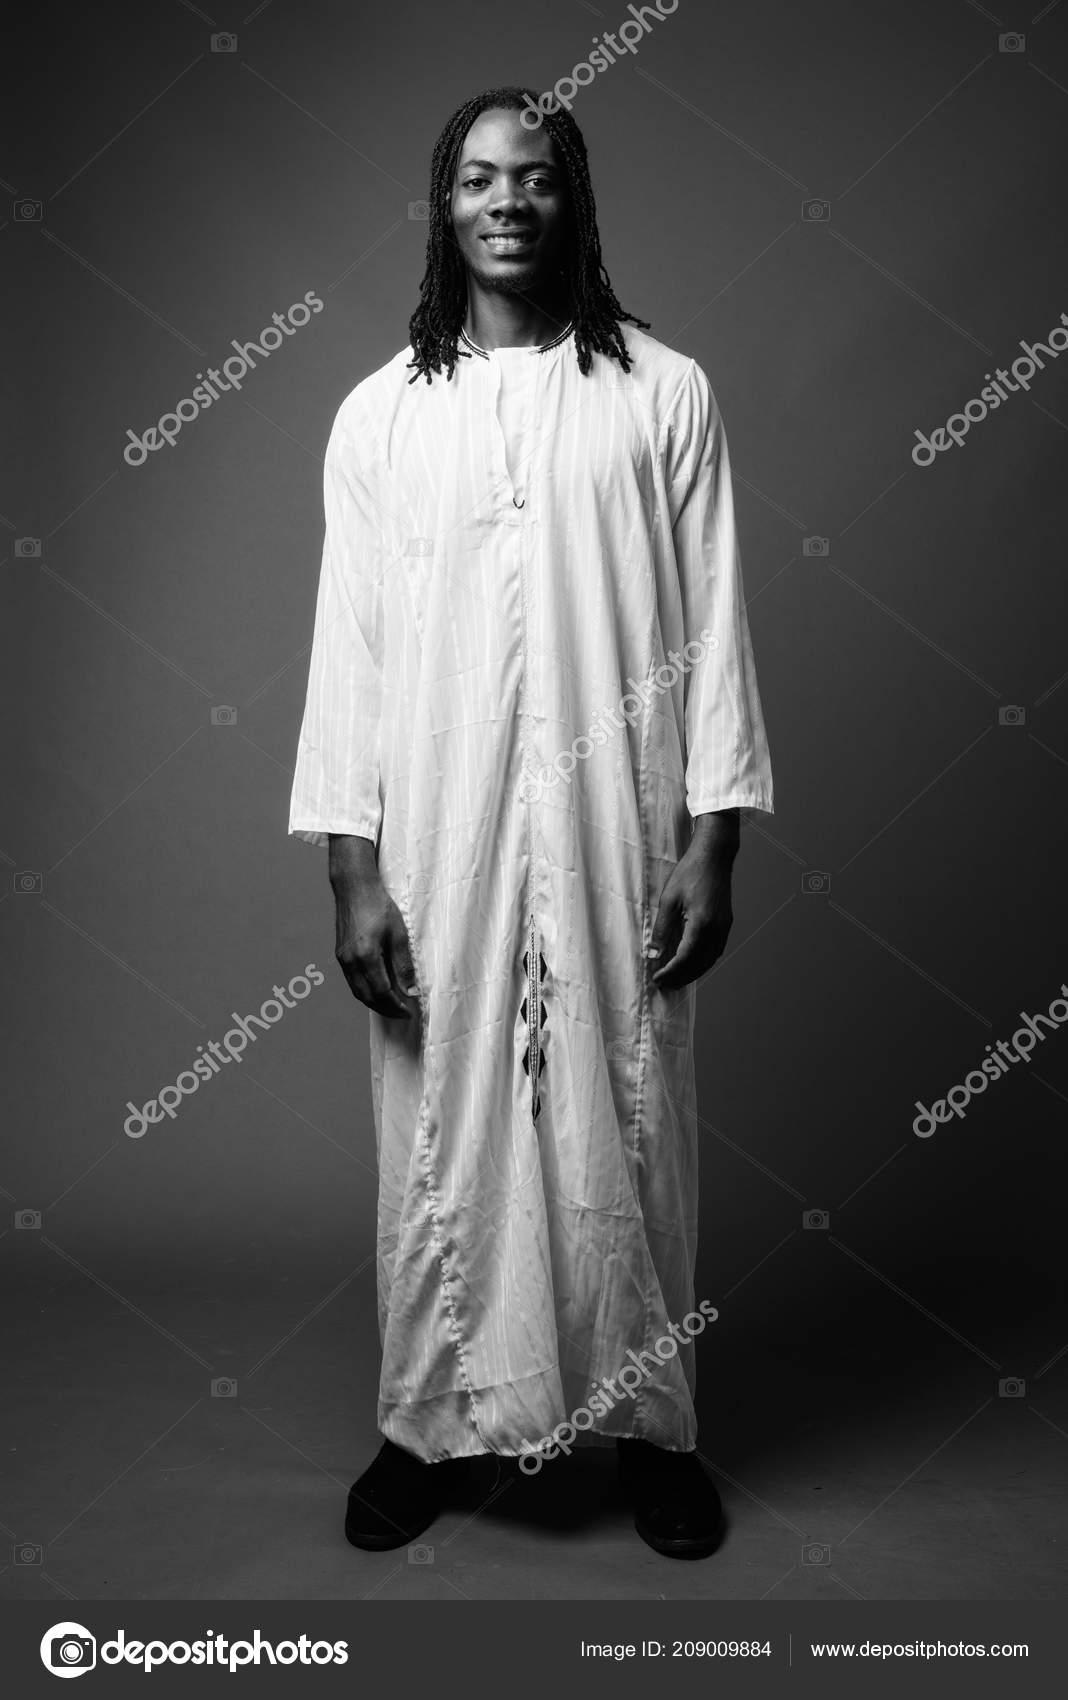 e621ba7b1b69 Giovane uomo africano bello indossando abiti tradizionali in nero– immagine  stock